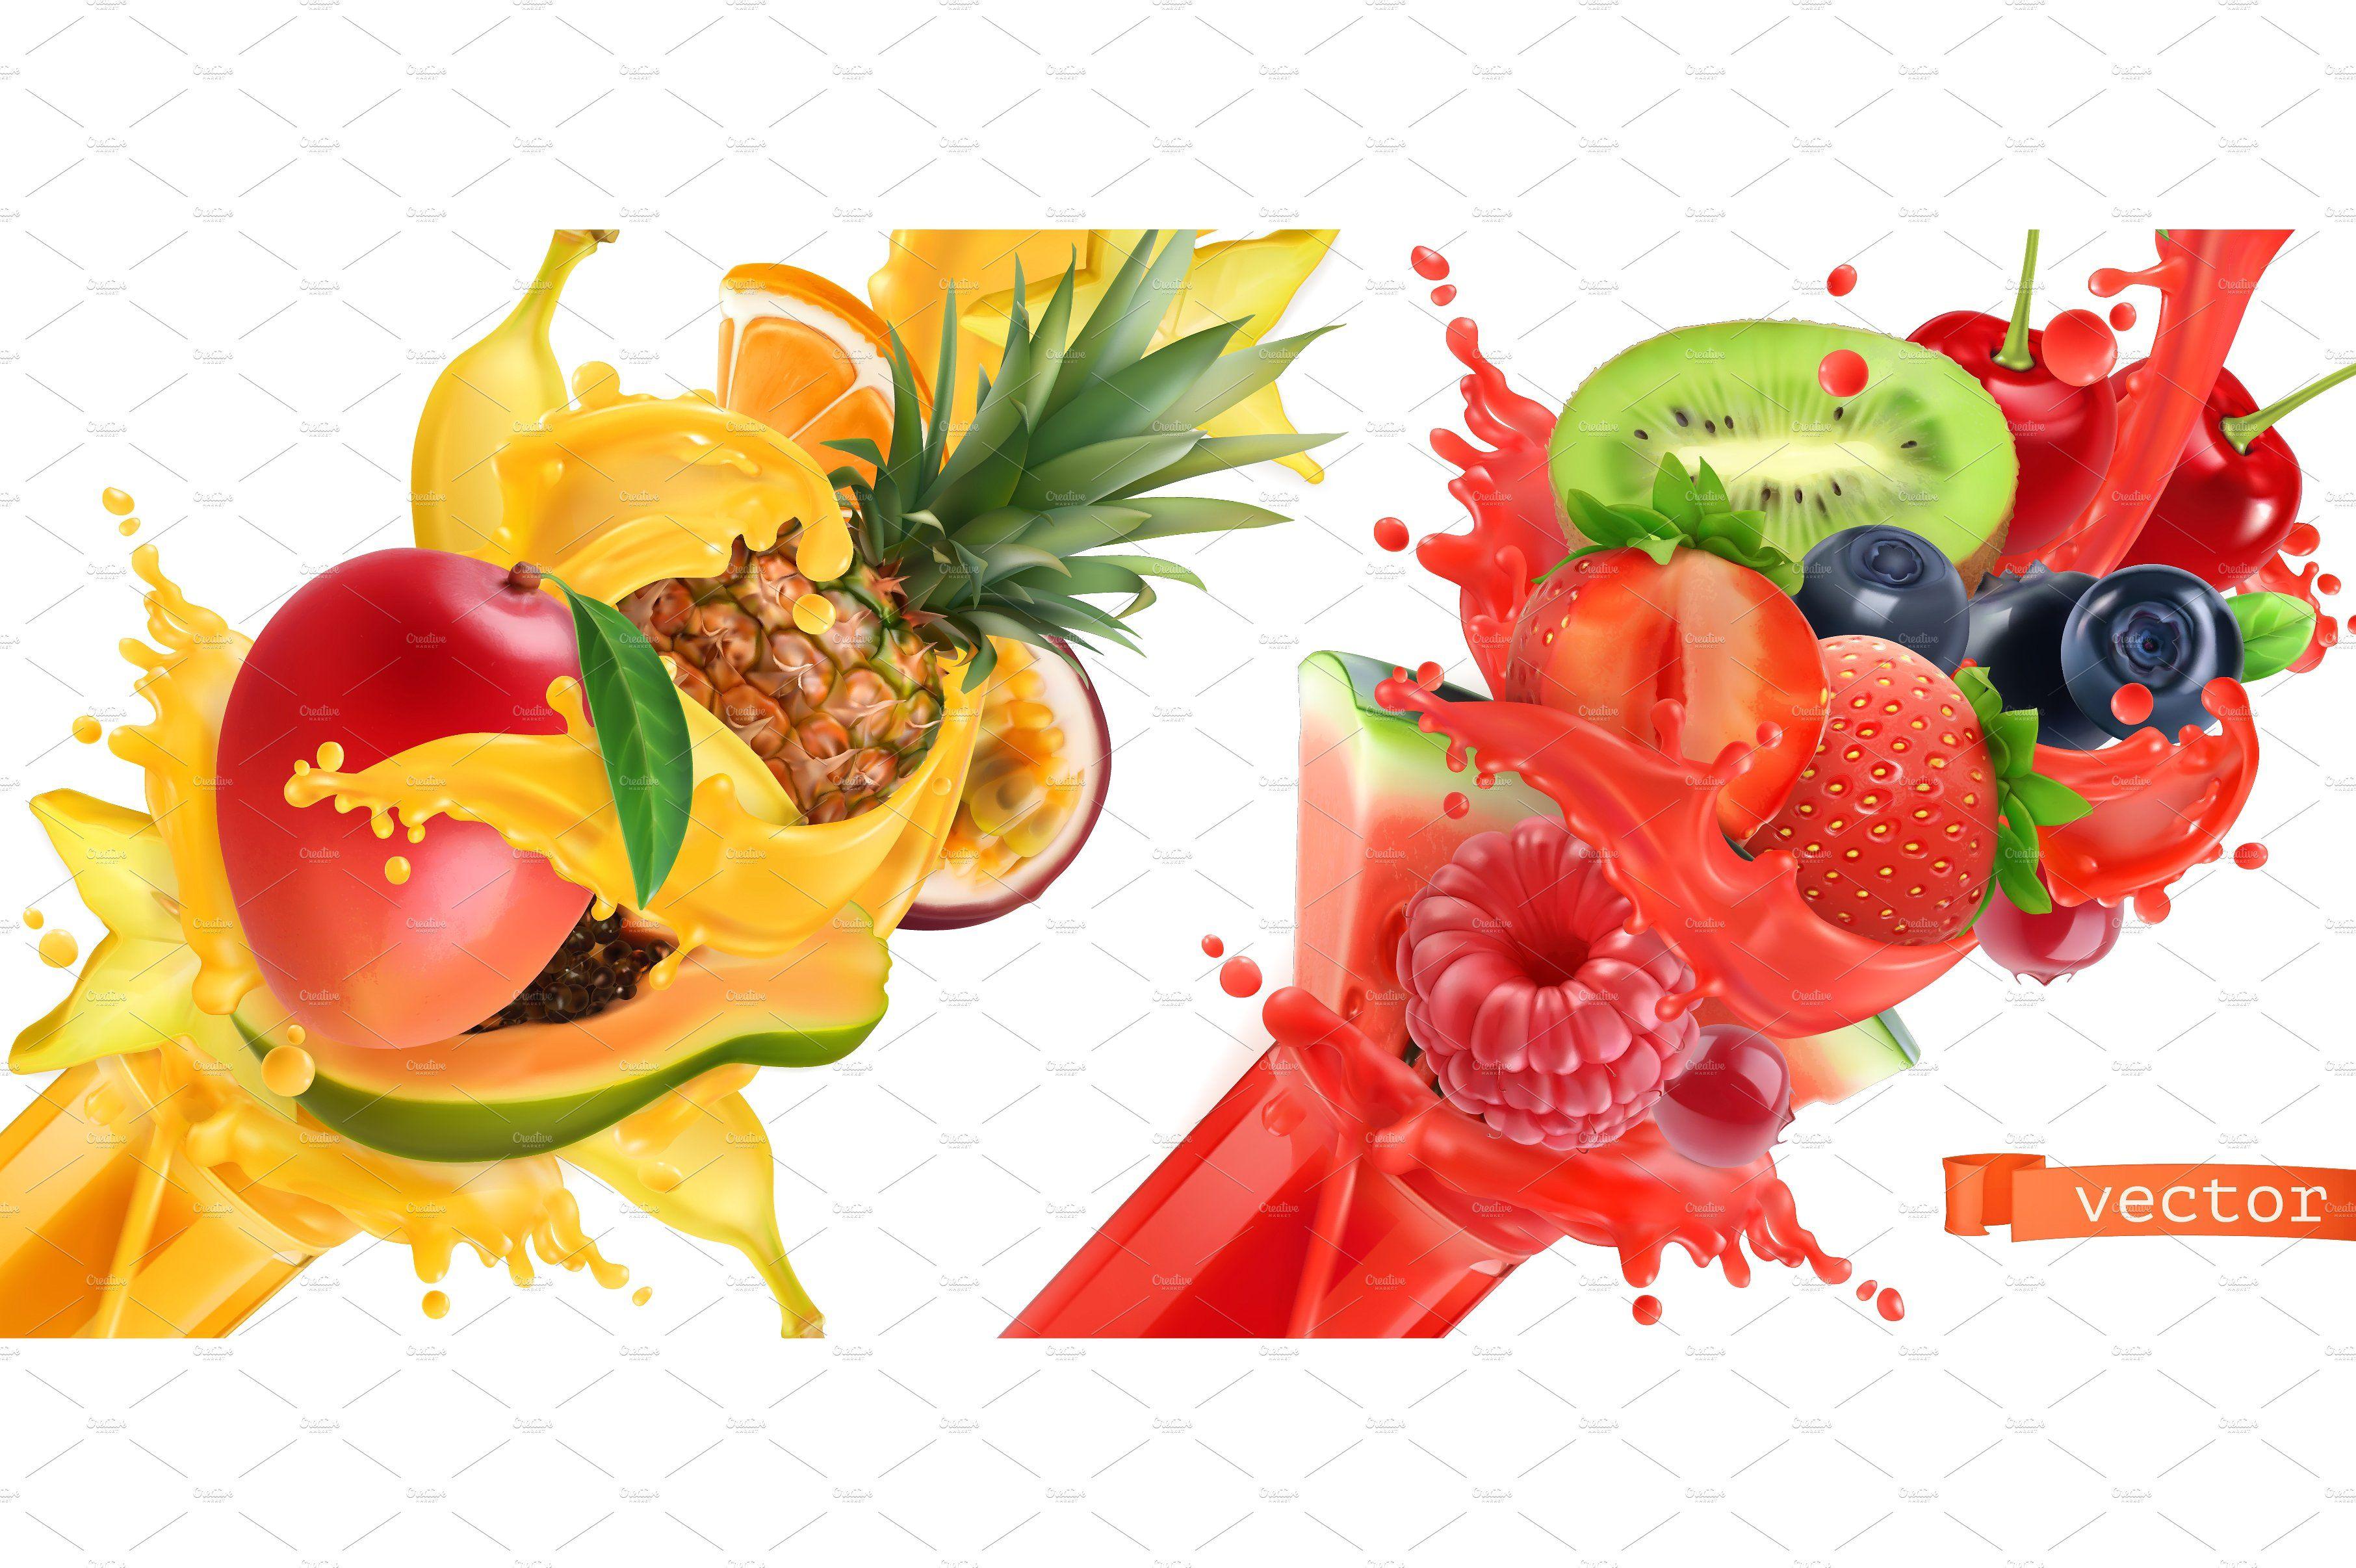 Fruit Burst Splash Of Juice Vector Fruit Tropical Fruits Mixed Berries